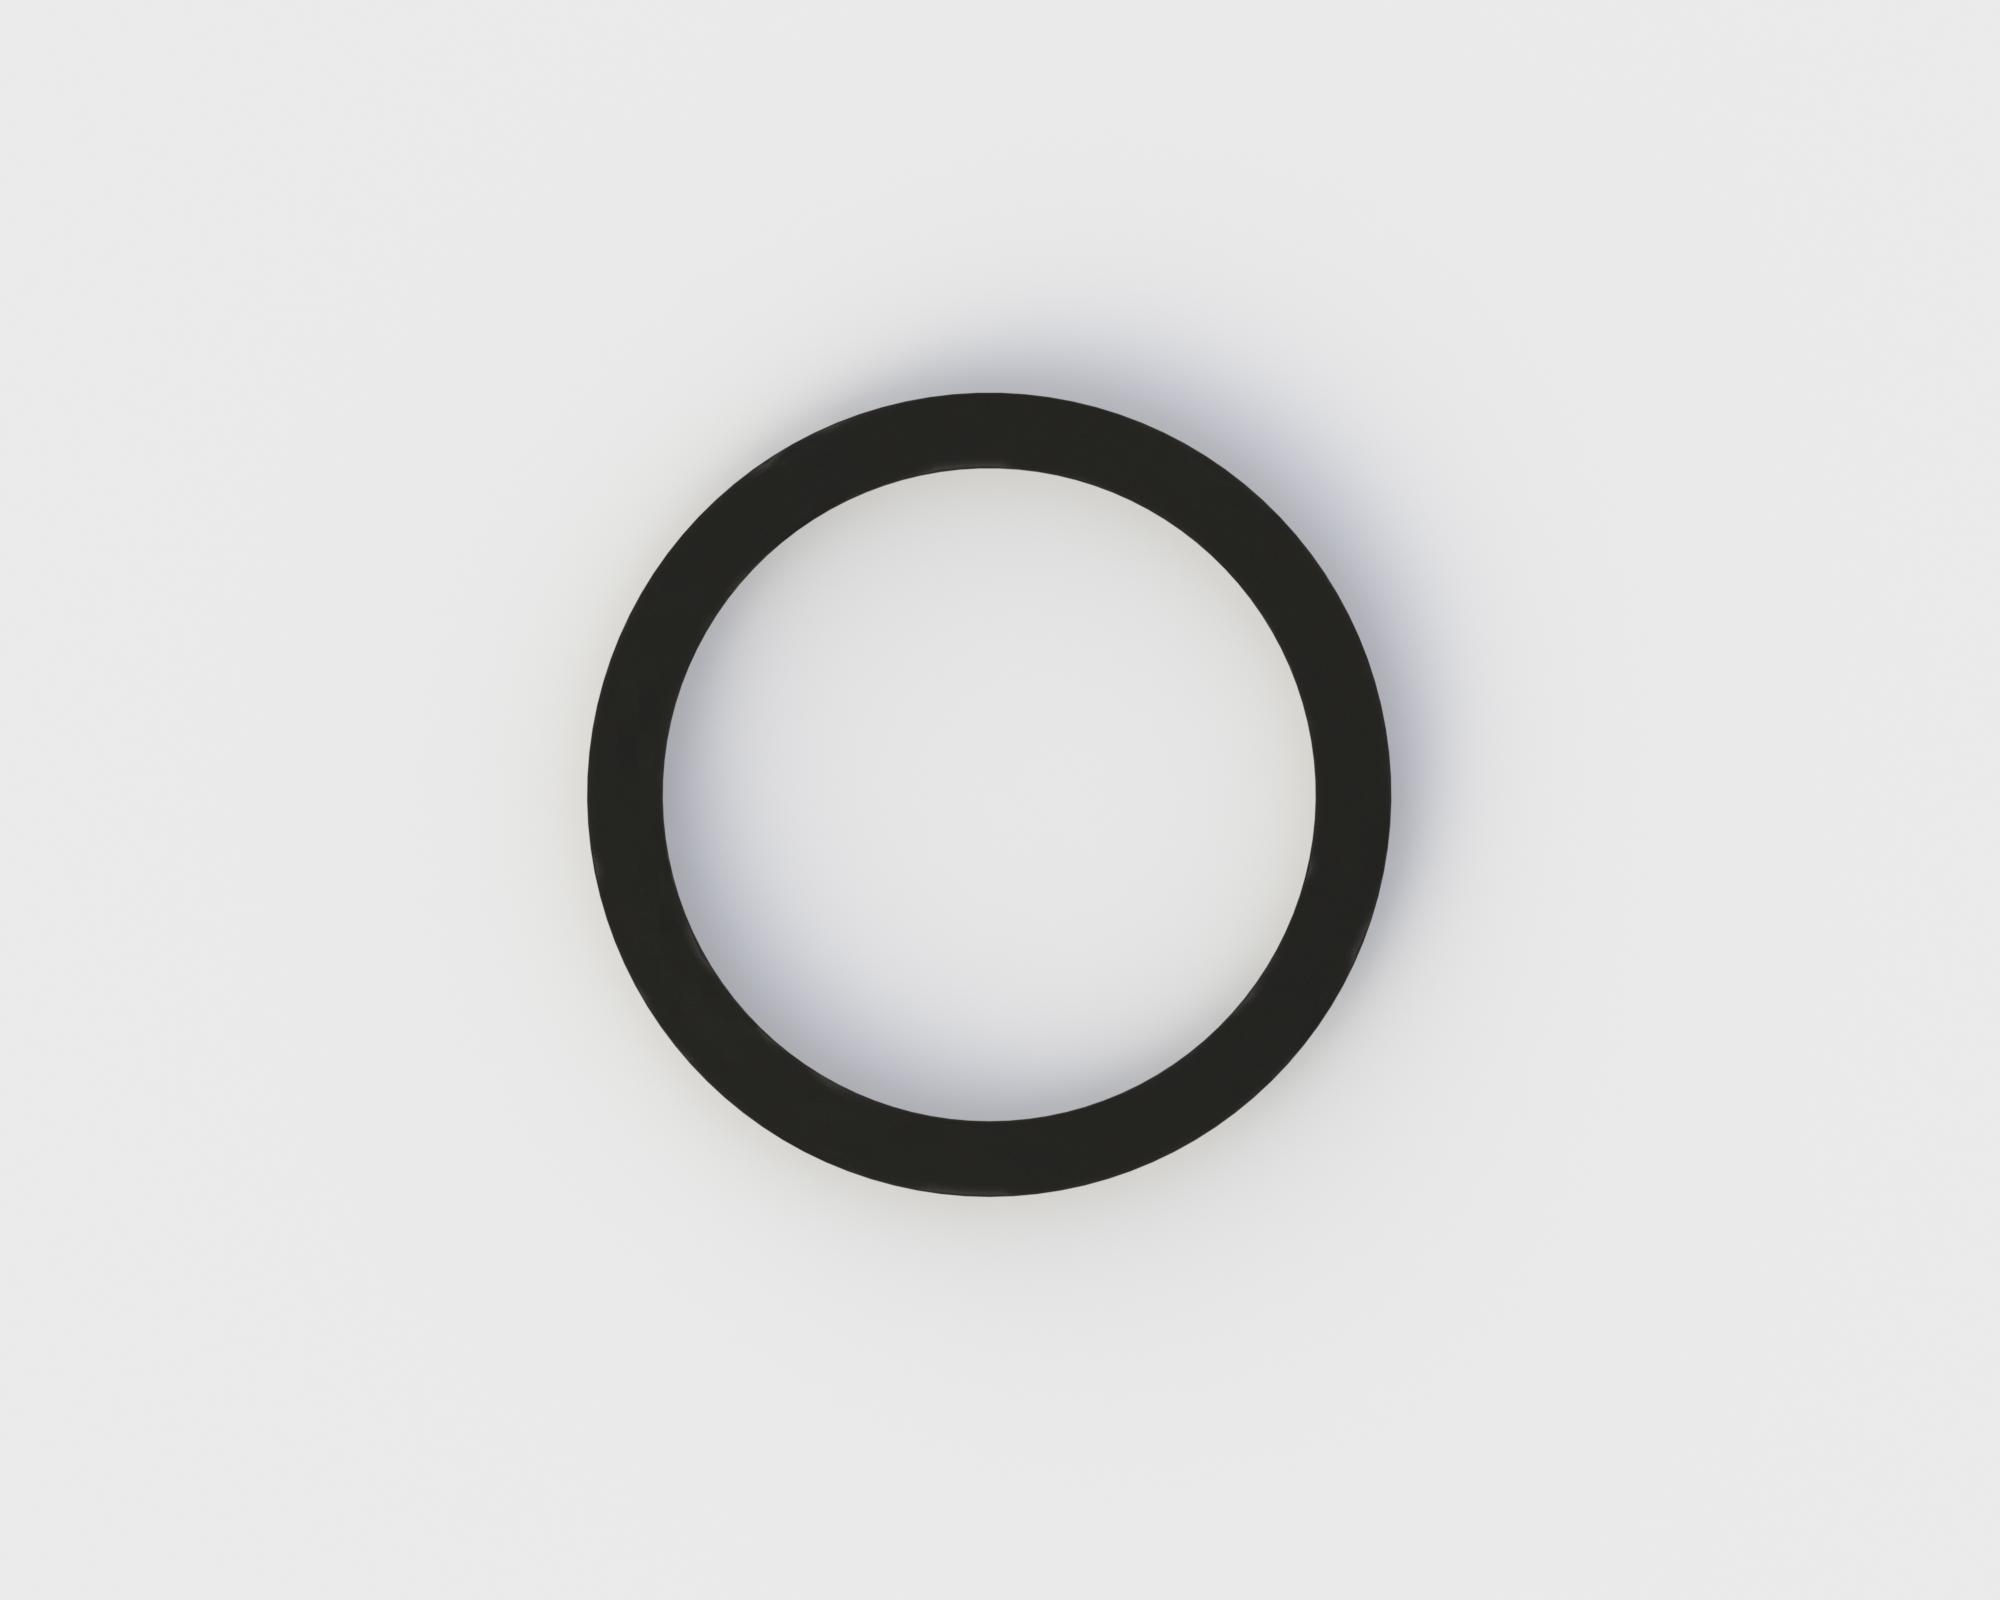 W&H O-Ring